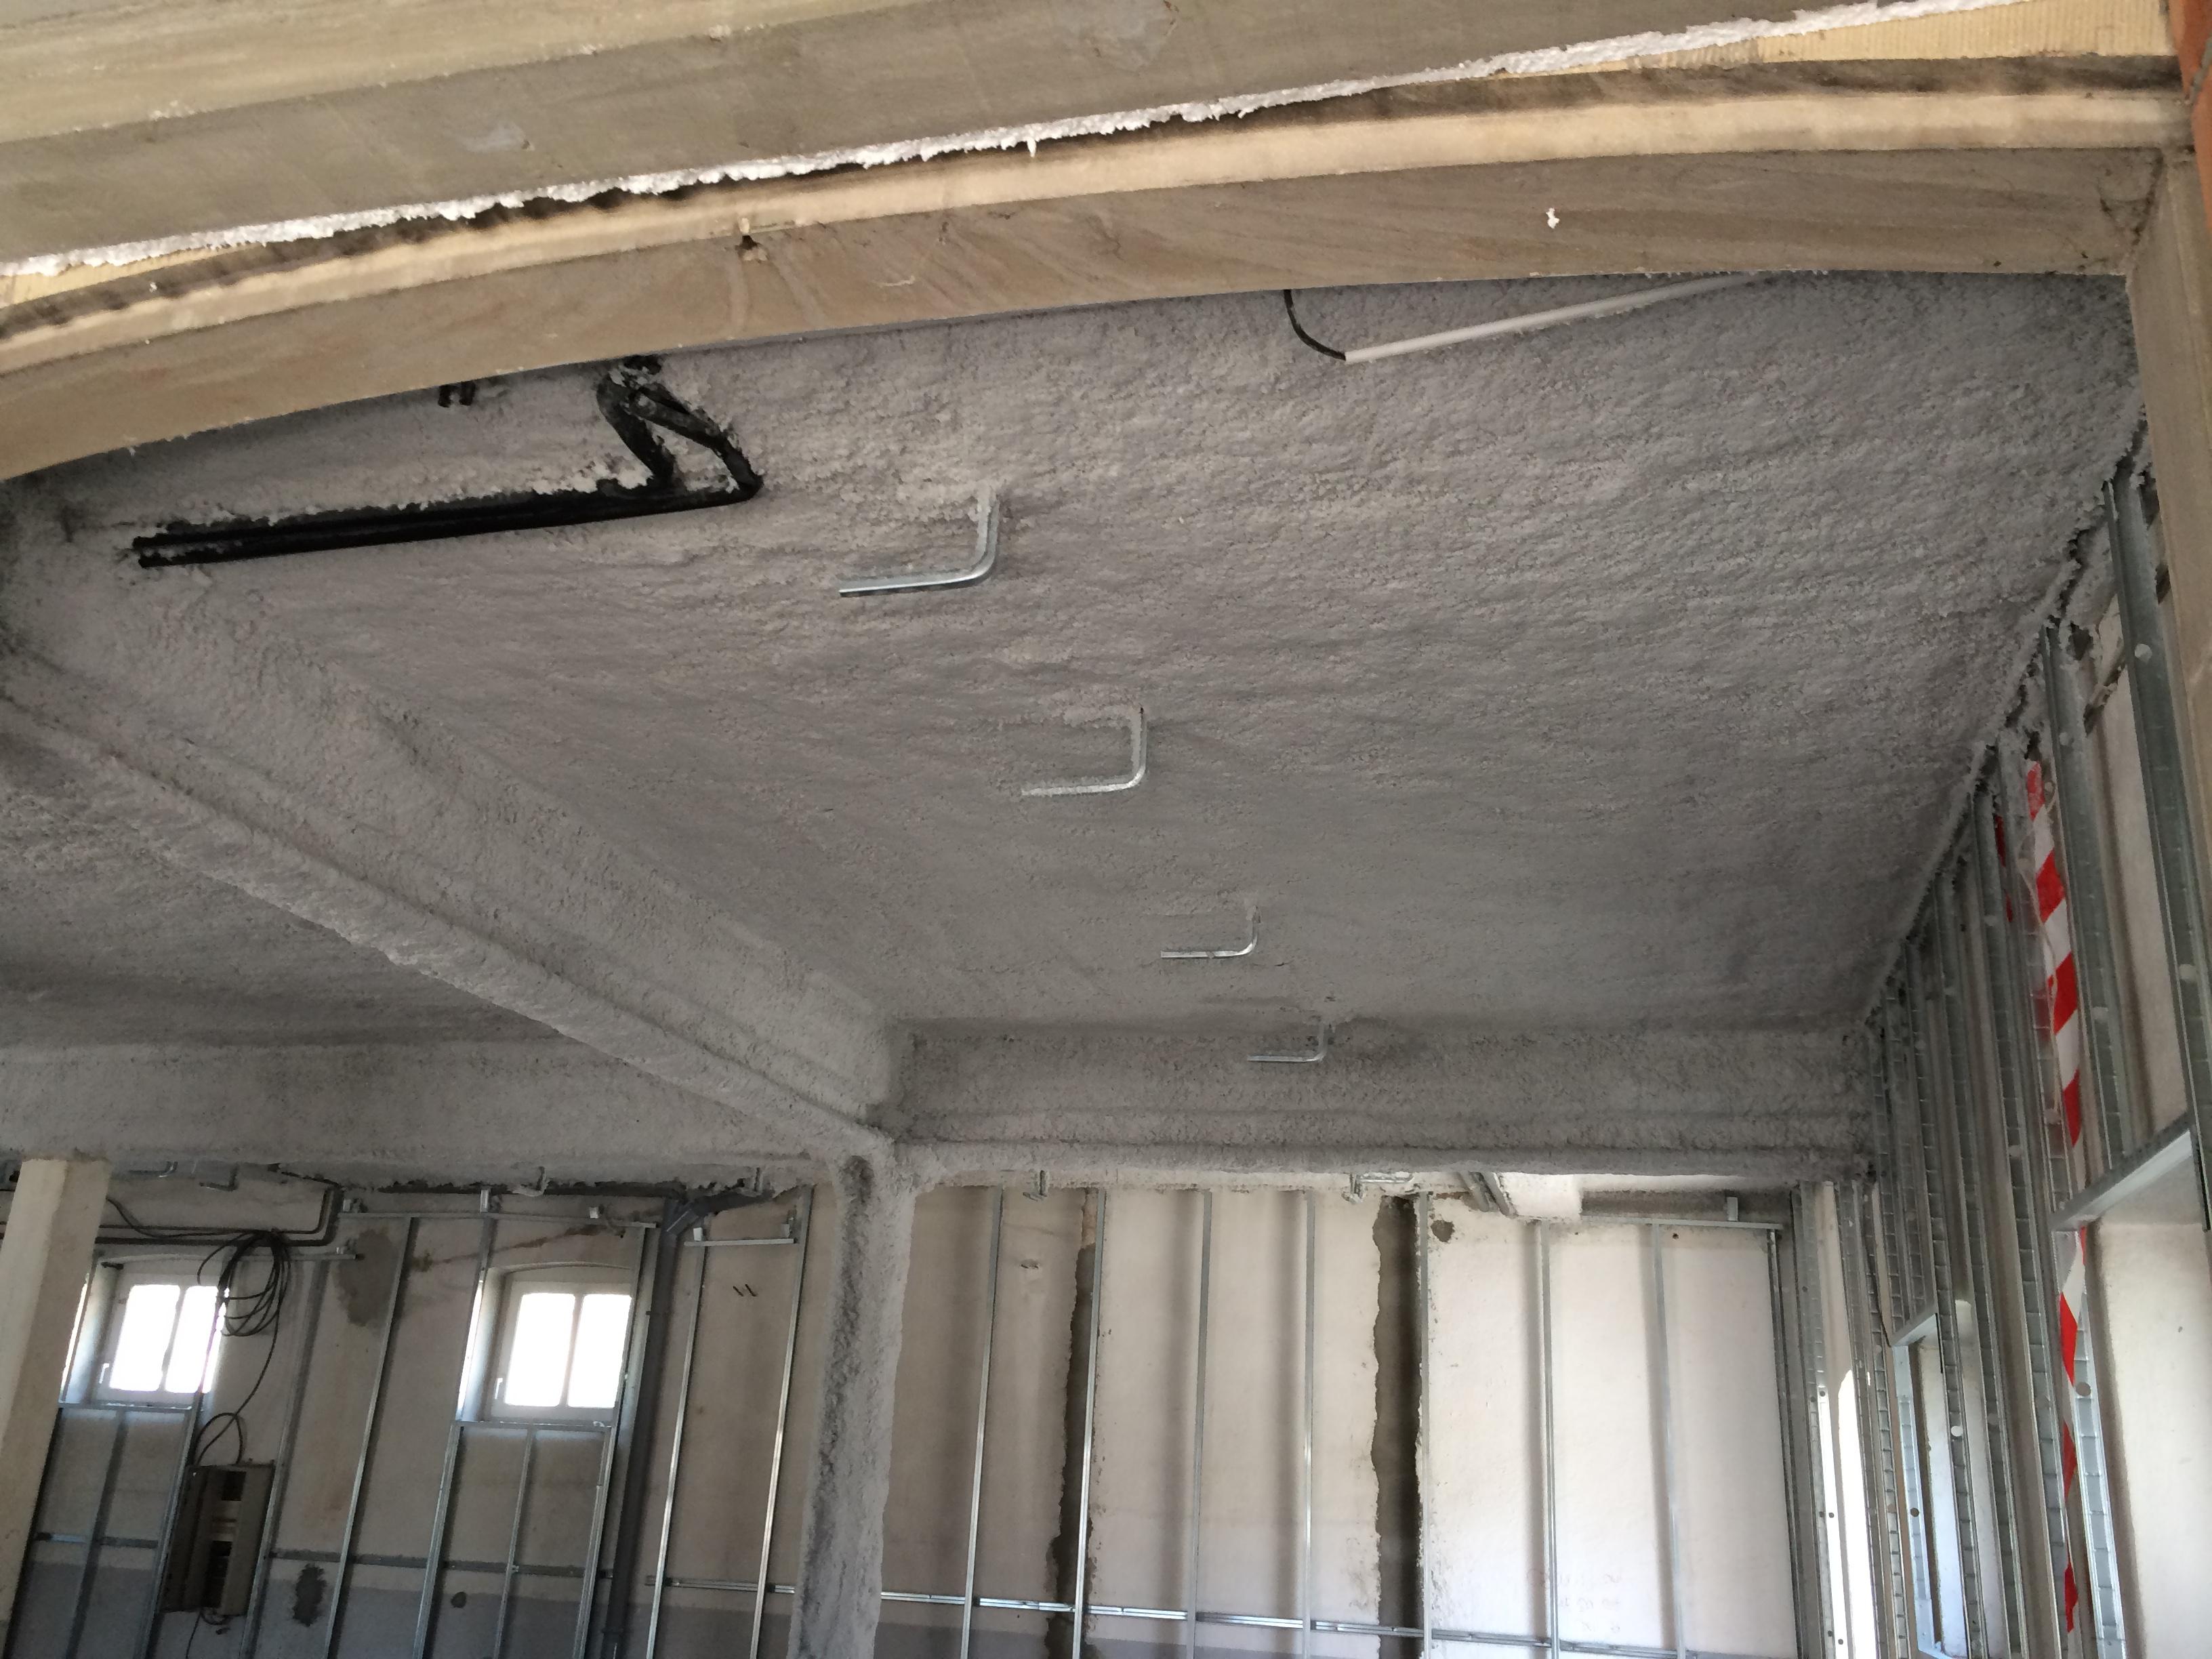 Flocage projet fibreux promat projiso promaspray f250 promaspray t et p teux promaspray p300 - Plafond coupe feu 1h ...